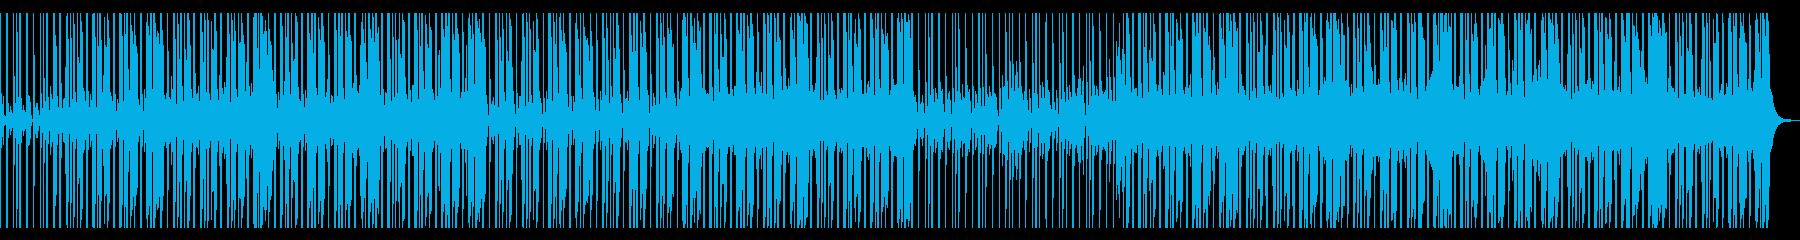 【短いVer4】スローファンクロックの再生済みの波形